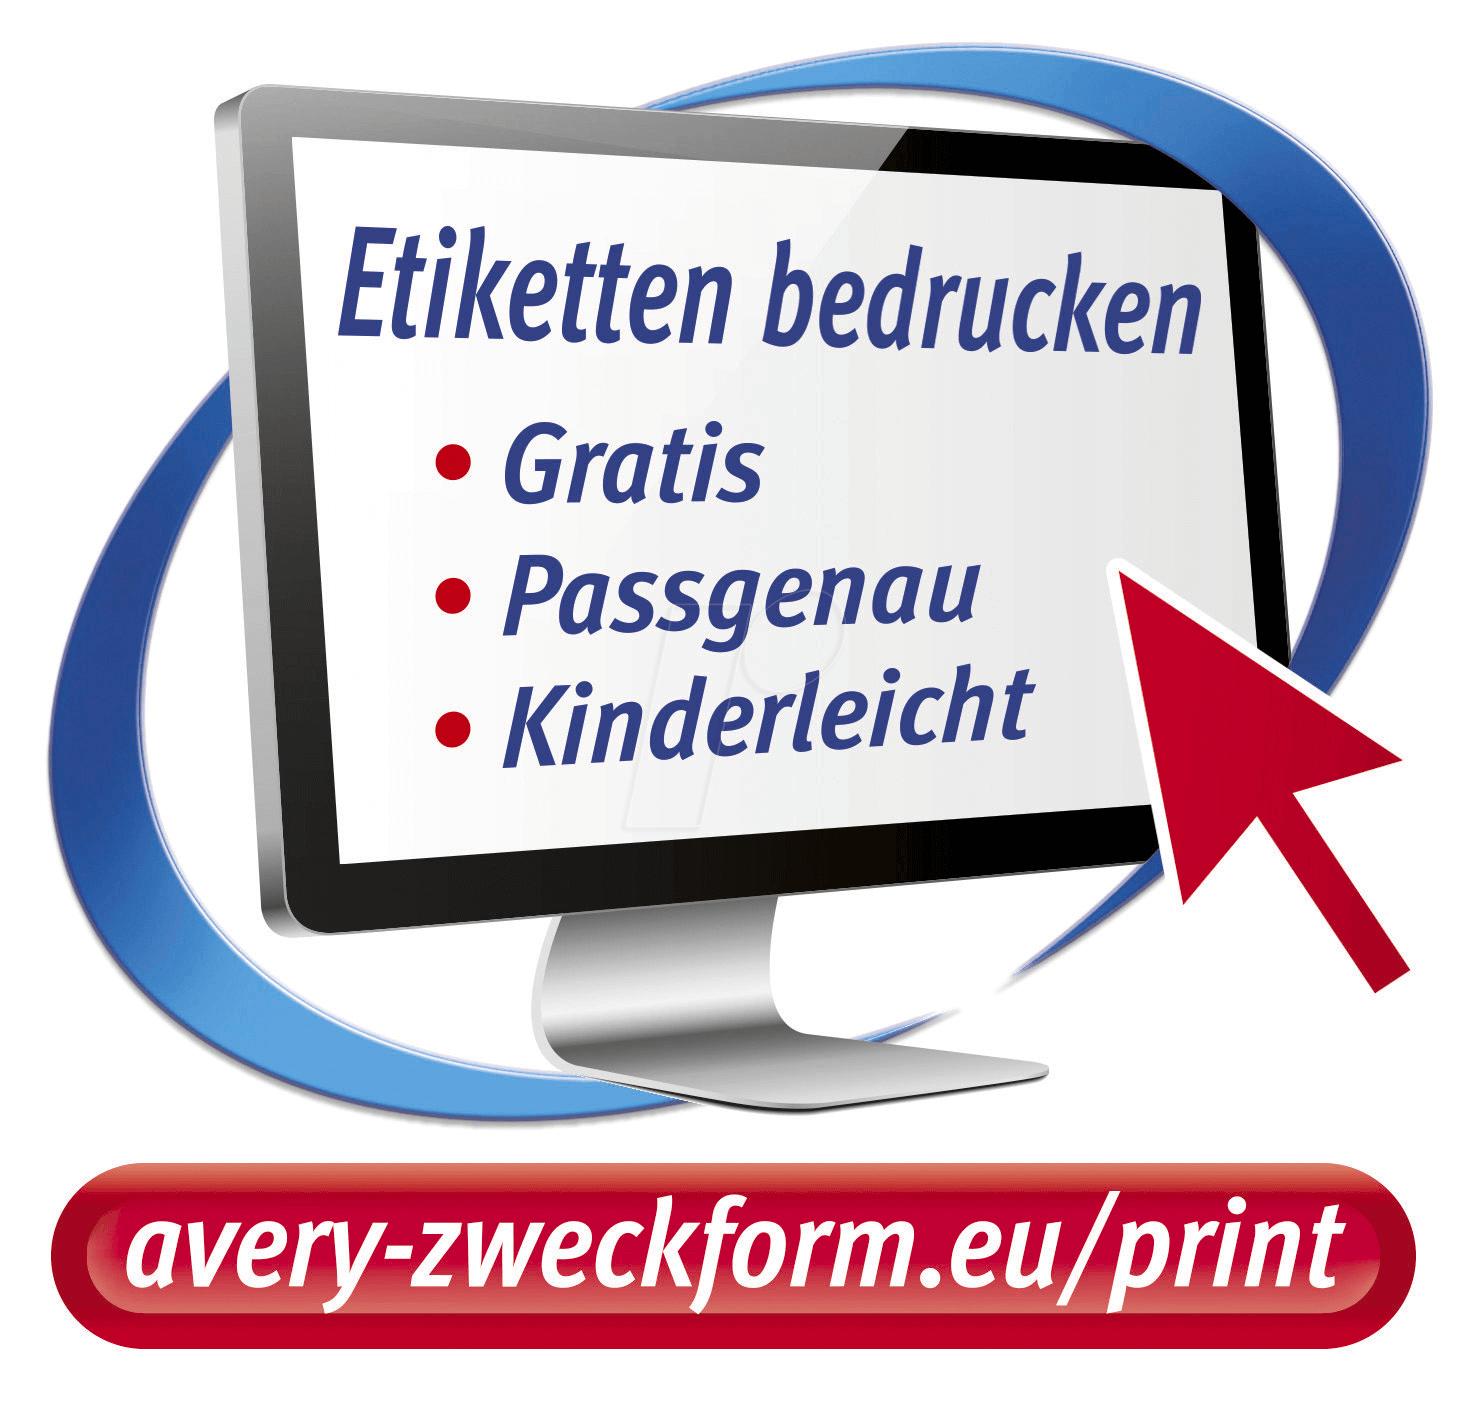 https://cdn-reichelt.de/bilder/web/xxl_ws/E460/AVZ_L4774-08.png